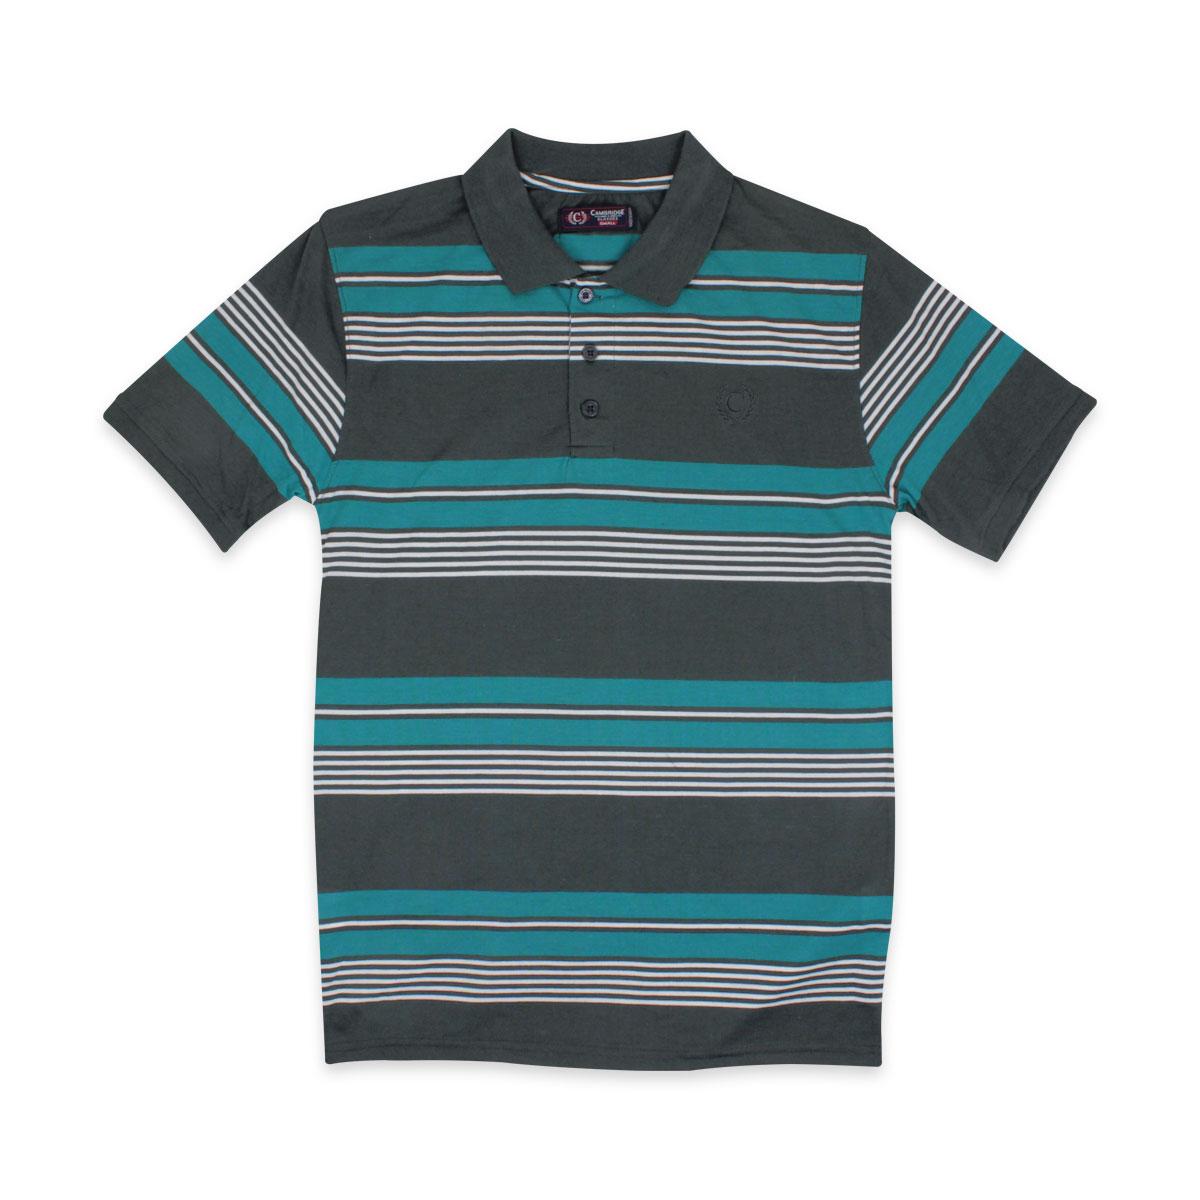 Camisas-Polo-Para-Hombre-A-Rayas-Pique-Con-Cuello-camiseta-Camiseta-Manga-Corta-De-Verano-S-M-L-XL miniatura 49